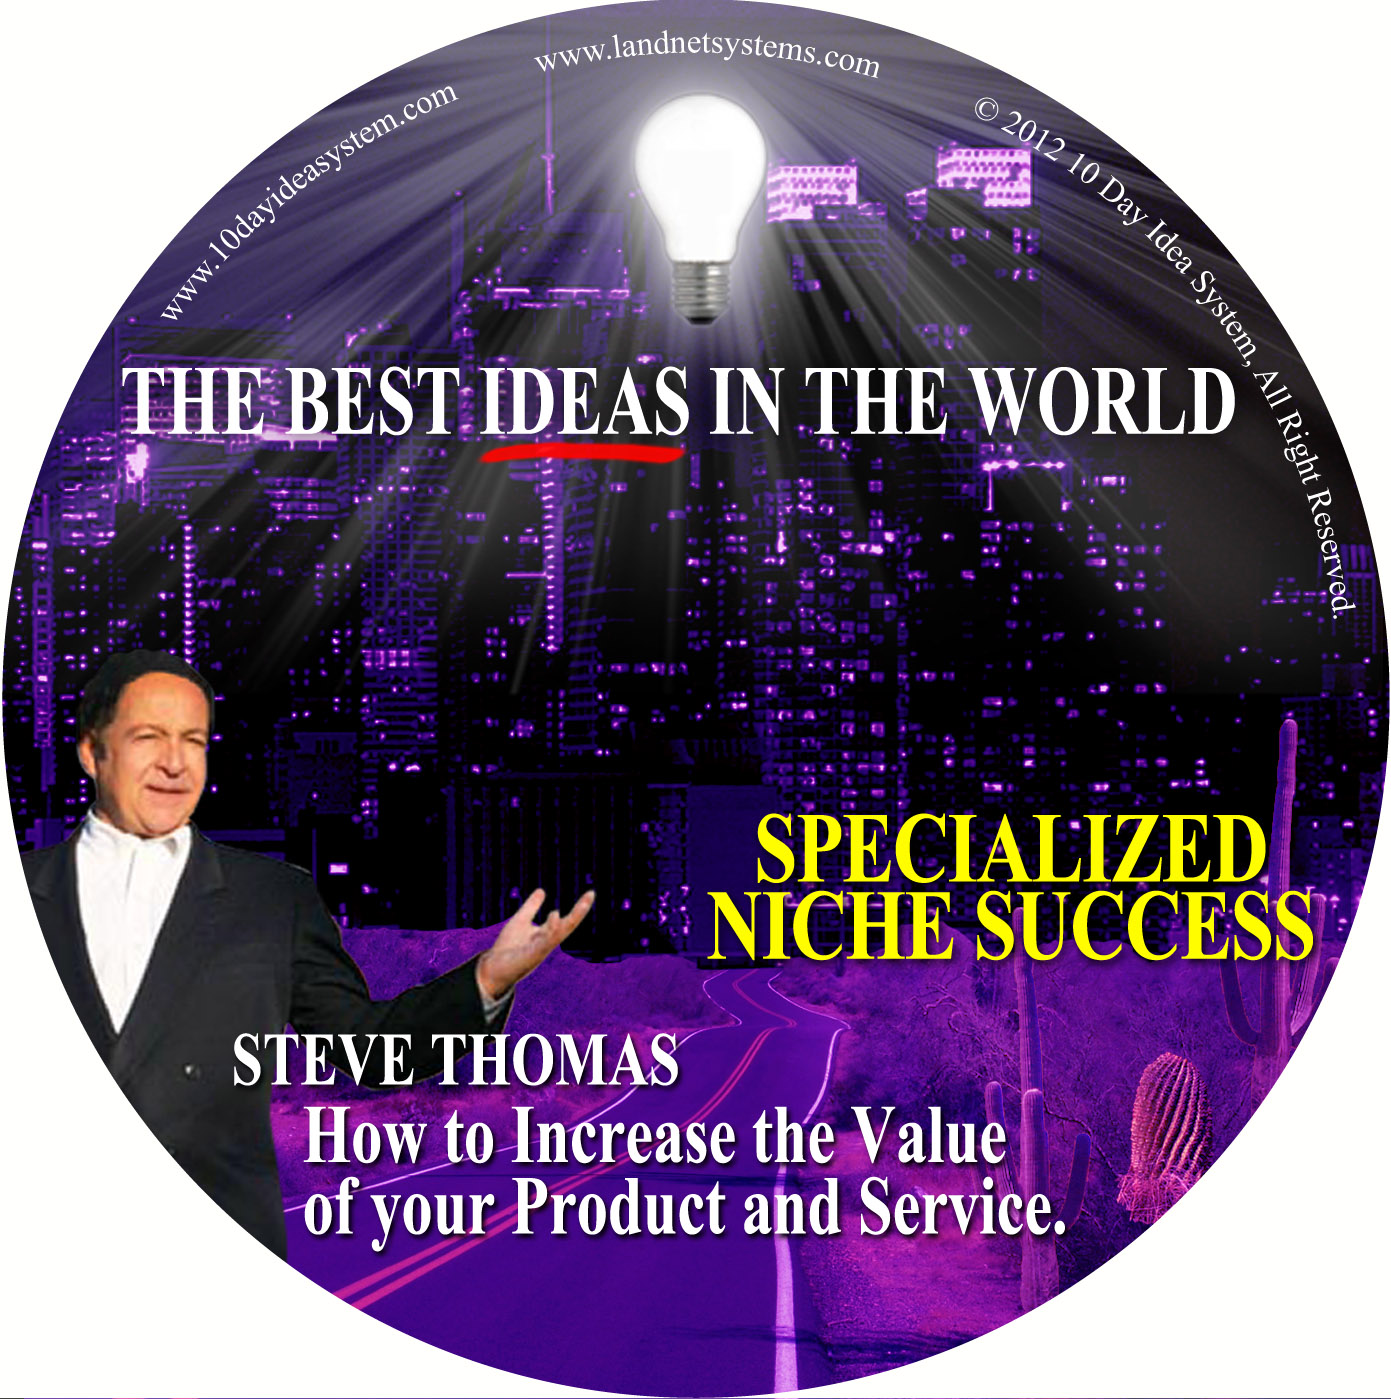 09 CD SPECIALIZED NICHE SUCCESS